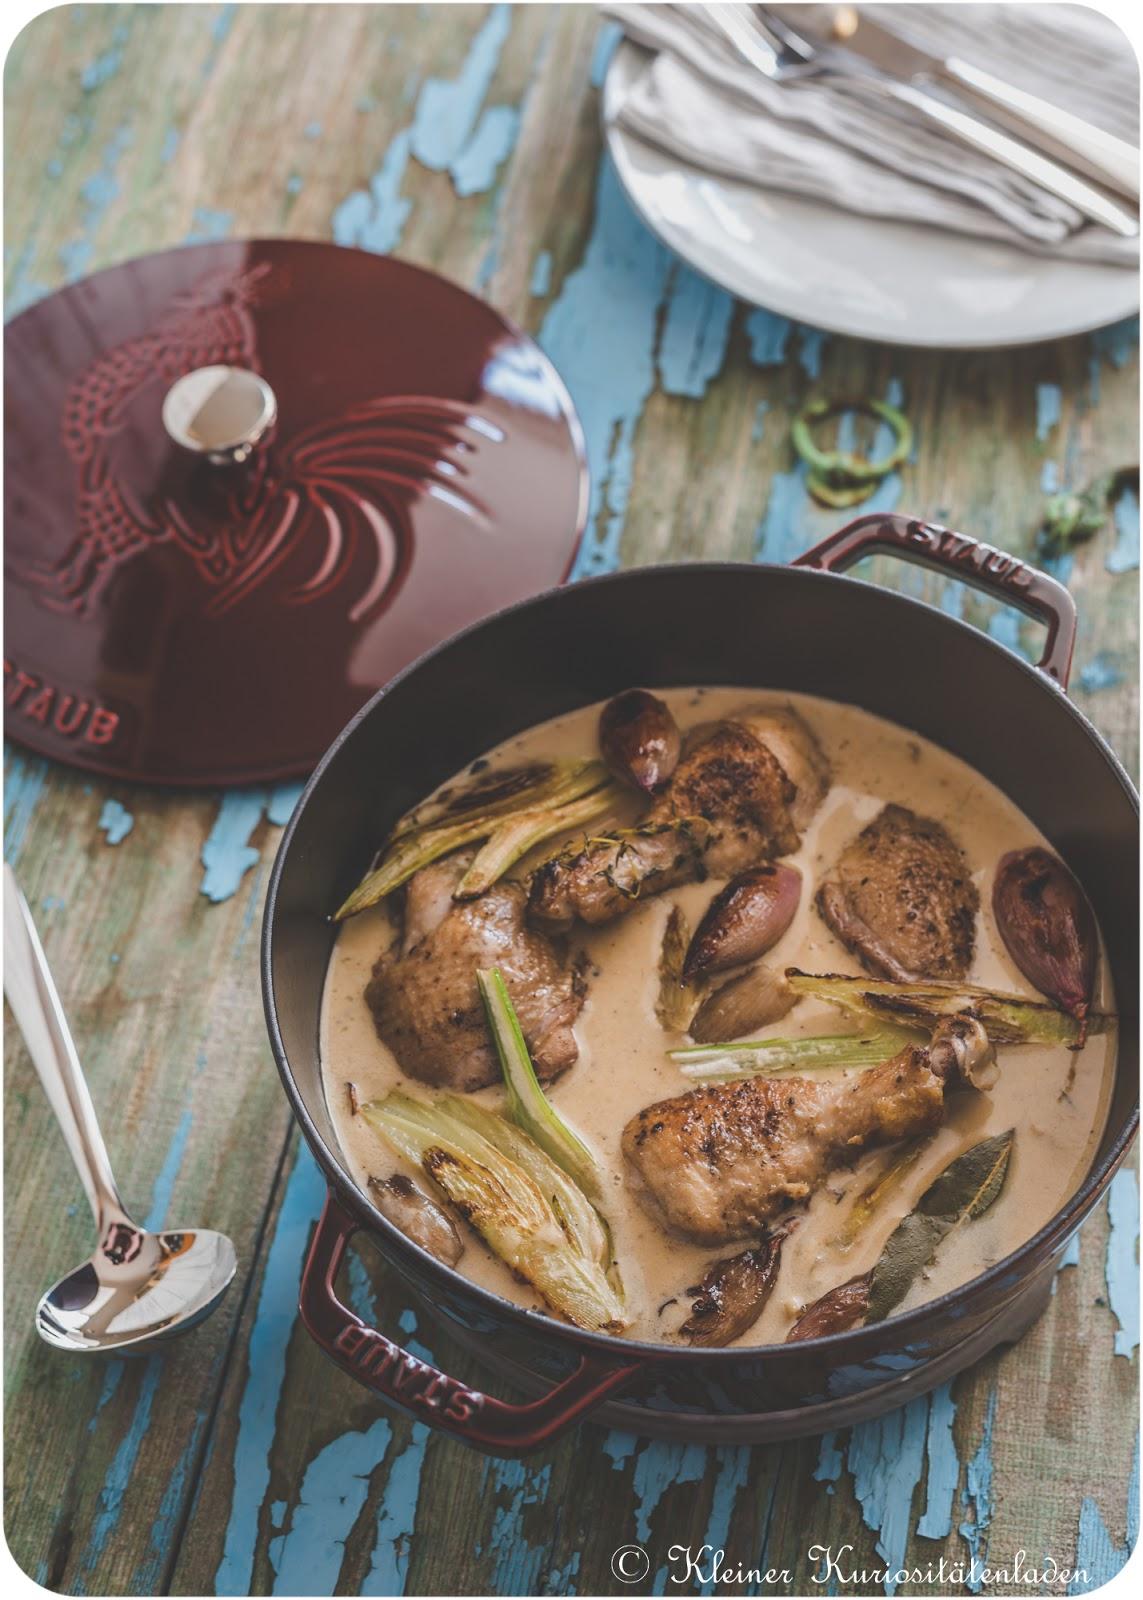 Coq au Vermouth | Geschmortes Hähnchen in Wermutsauce